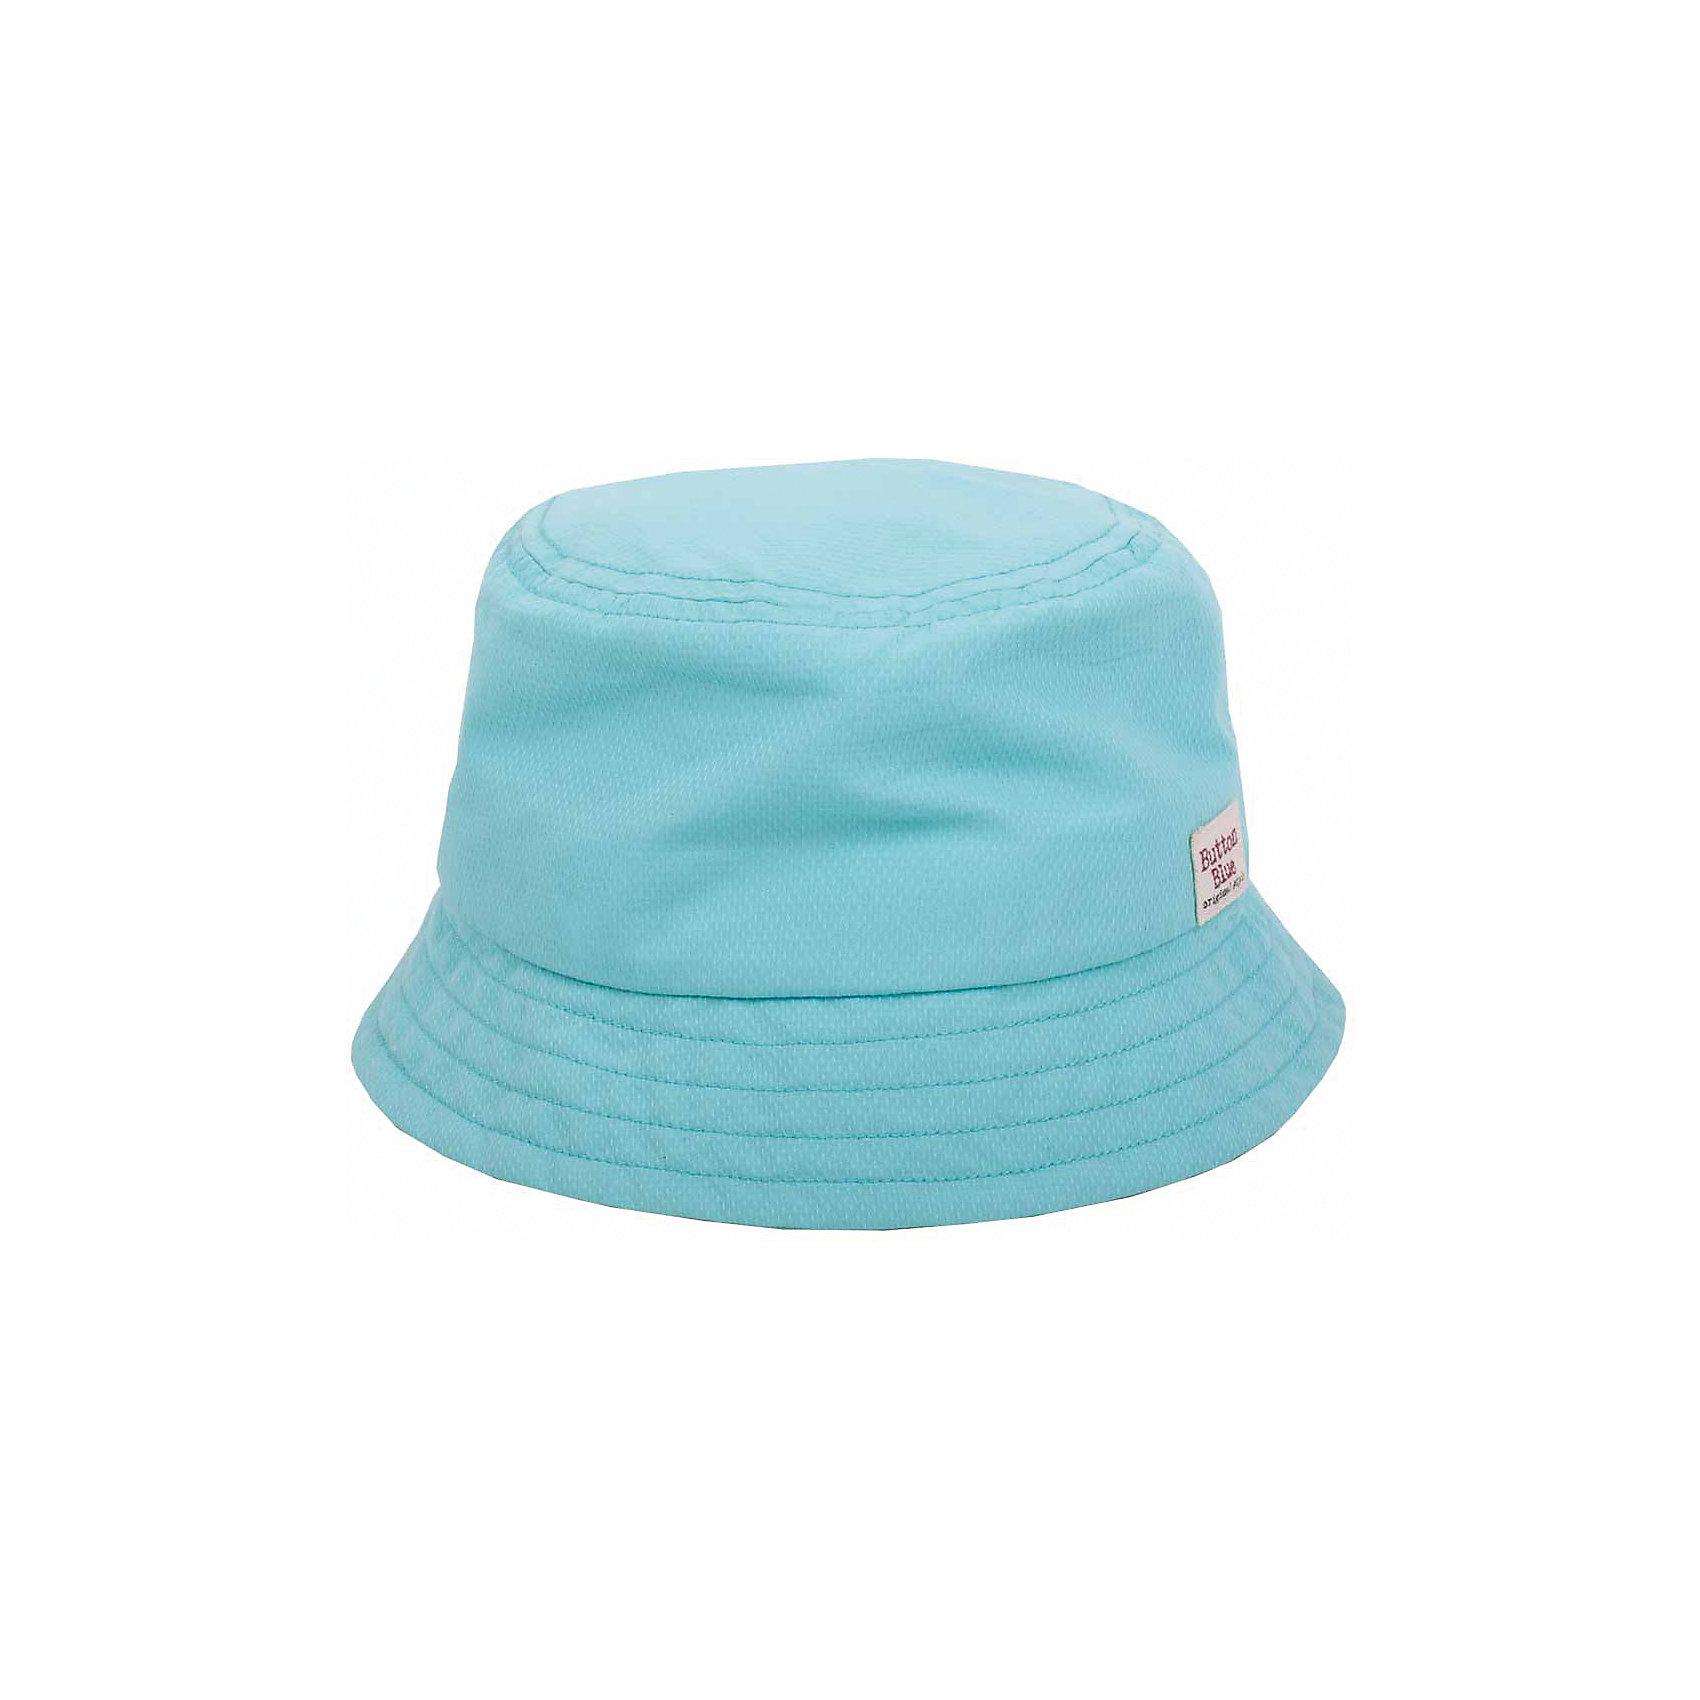 Панама для девочки  BUTTON BLUEГоловные уборы<br>Панама для девочки  BUTTON BLUE<br>Детская панама - яркий запоминающийся аксессуар! Она защищает от солнца и красиво завершает любой летний look. У панам один недостаток: летние панамы часто теряются! Панамы забывают в парке или на пляже, поэтому их в гардеробе должно быть много. Купить недорого панаму от Button Blue, значит, позаботиться о красоте и комфорте ребенка.<br>Состав:<br>Ткань  верха: 55%хлопок 45%полиэстер подклад: 100% хлопок<br><br>Ширина мм: 89<br>Глубина мм: 117<br>Высота мм: 44<br>Вес г: 155<br>Цвет: зеленый<br>Возраст от месяцев: 0<br>Возраст до месяцев: 3<br>Пол: Женский<br>Возраст: Детский<br>Размер: 56,50,52,54<br>SKU: 5523753